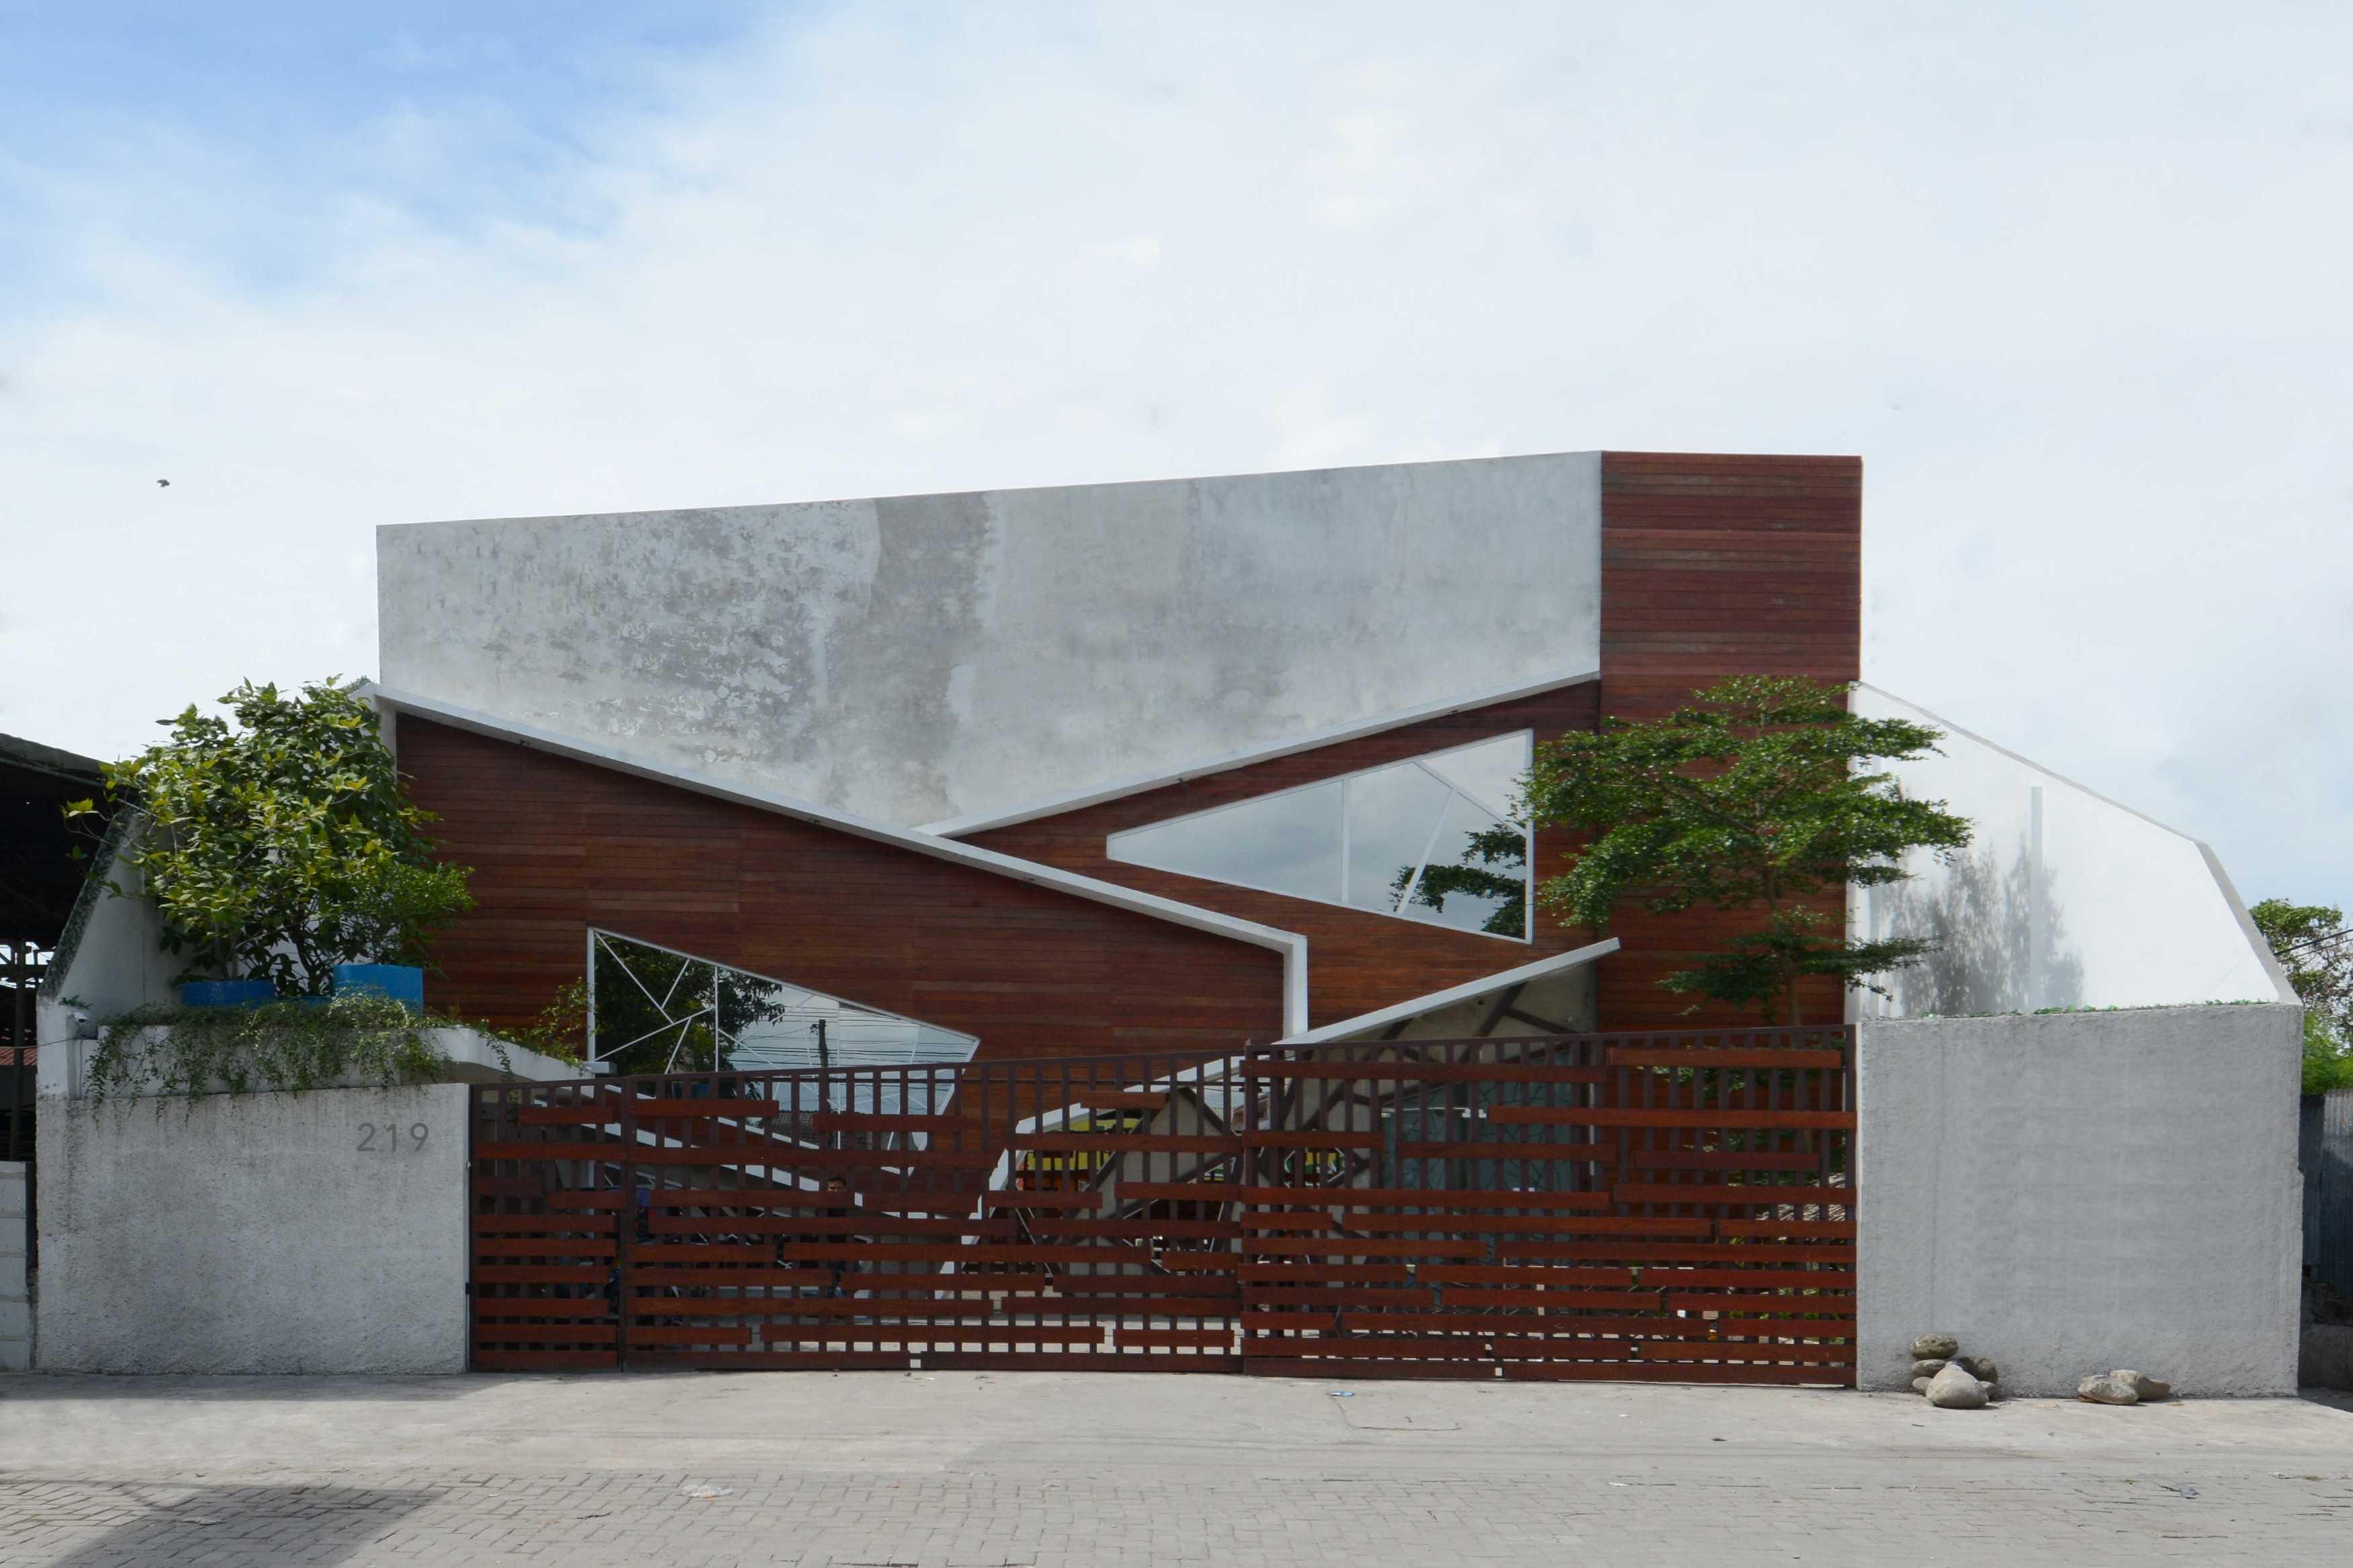 Merah Putih Architecture M&m House Medan, Kota Medan, Sumatera Utara, Indonesia Medan, Kota Medan, Sumatera Utara, Indonesia Merah-Putih-Architecture-R-House   87616